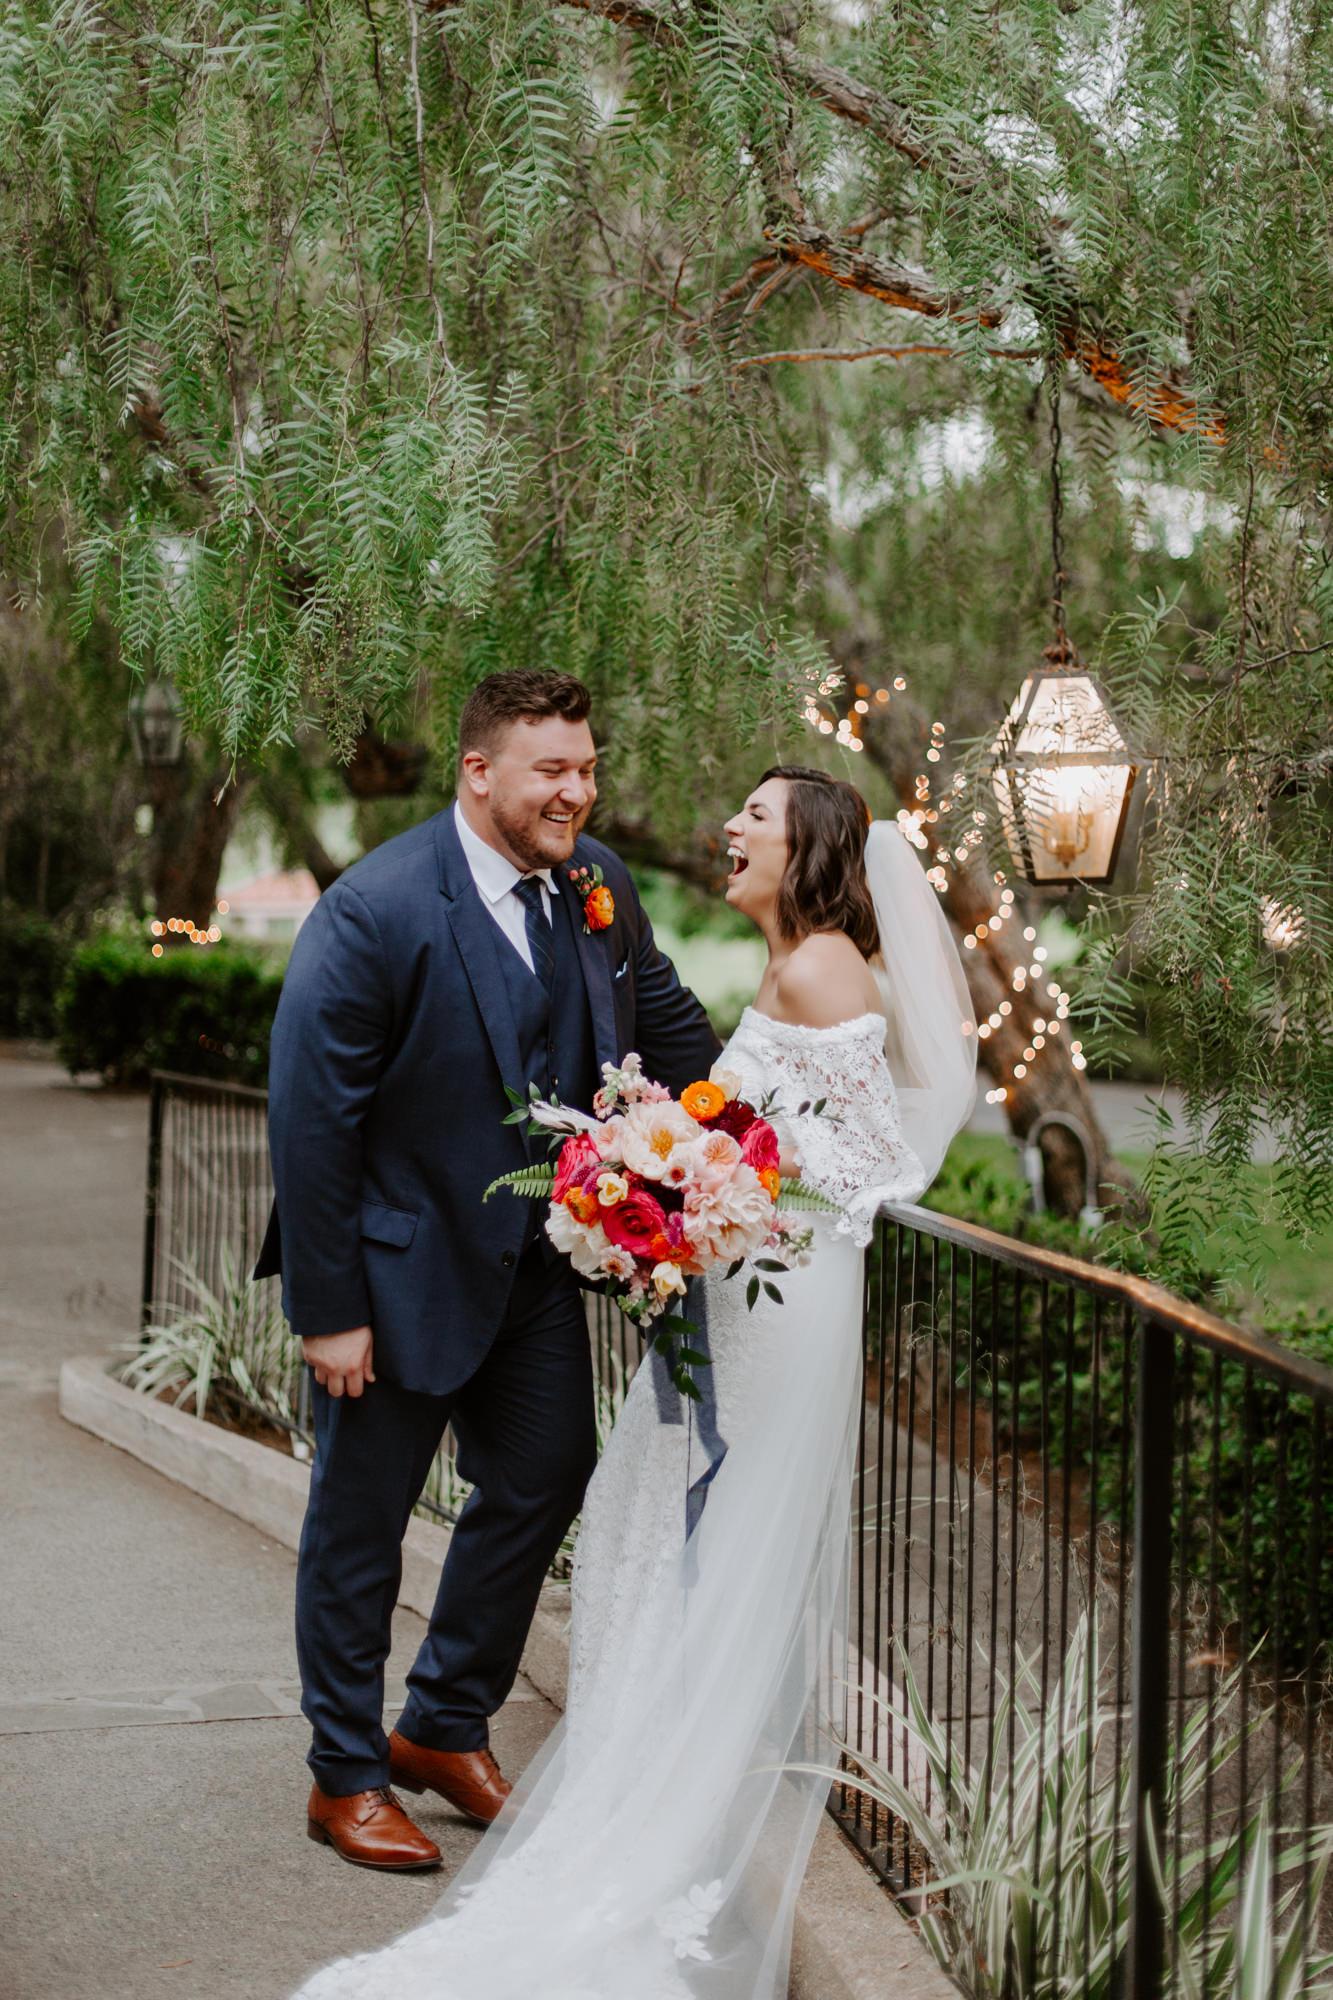 Rancho bernardo Inn san deigo wedding photography0065.jpg